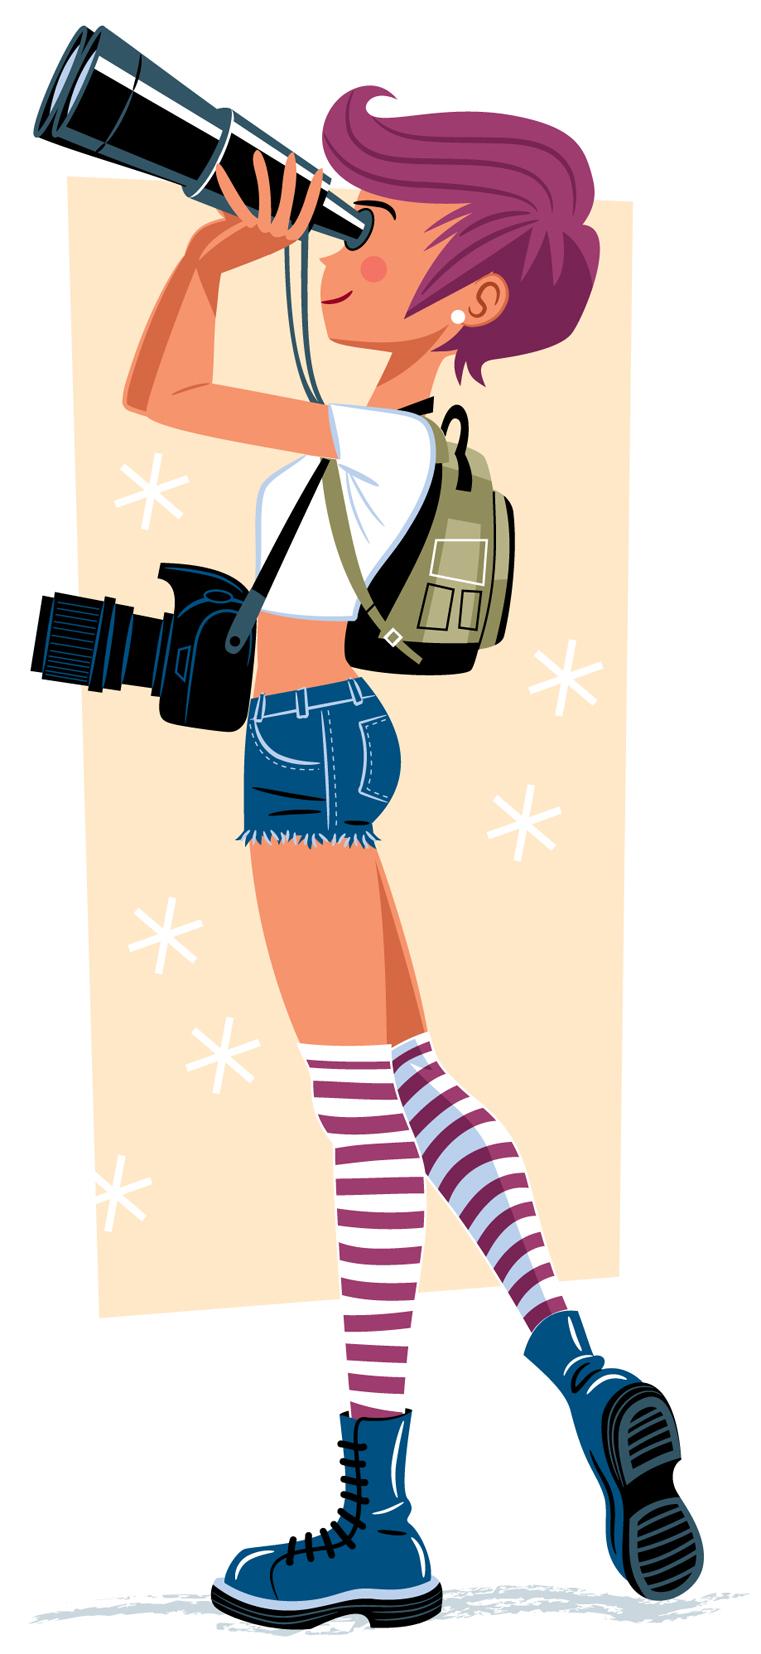 BinocularGirl